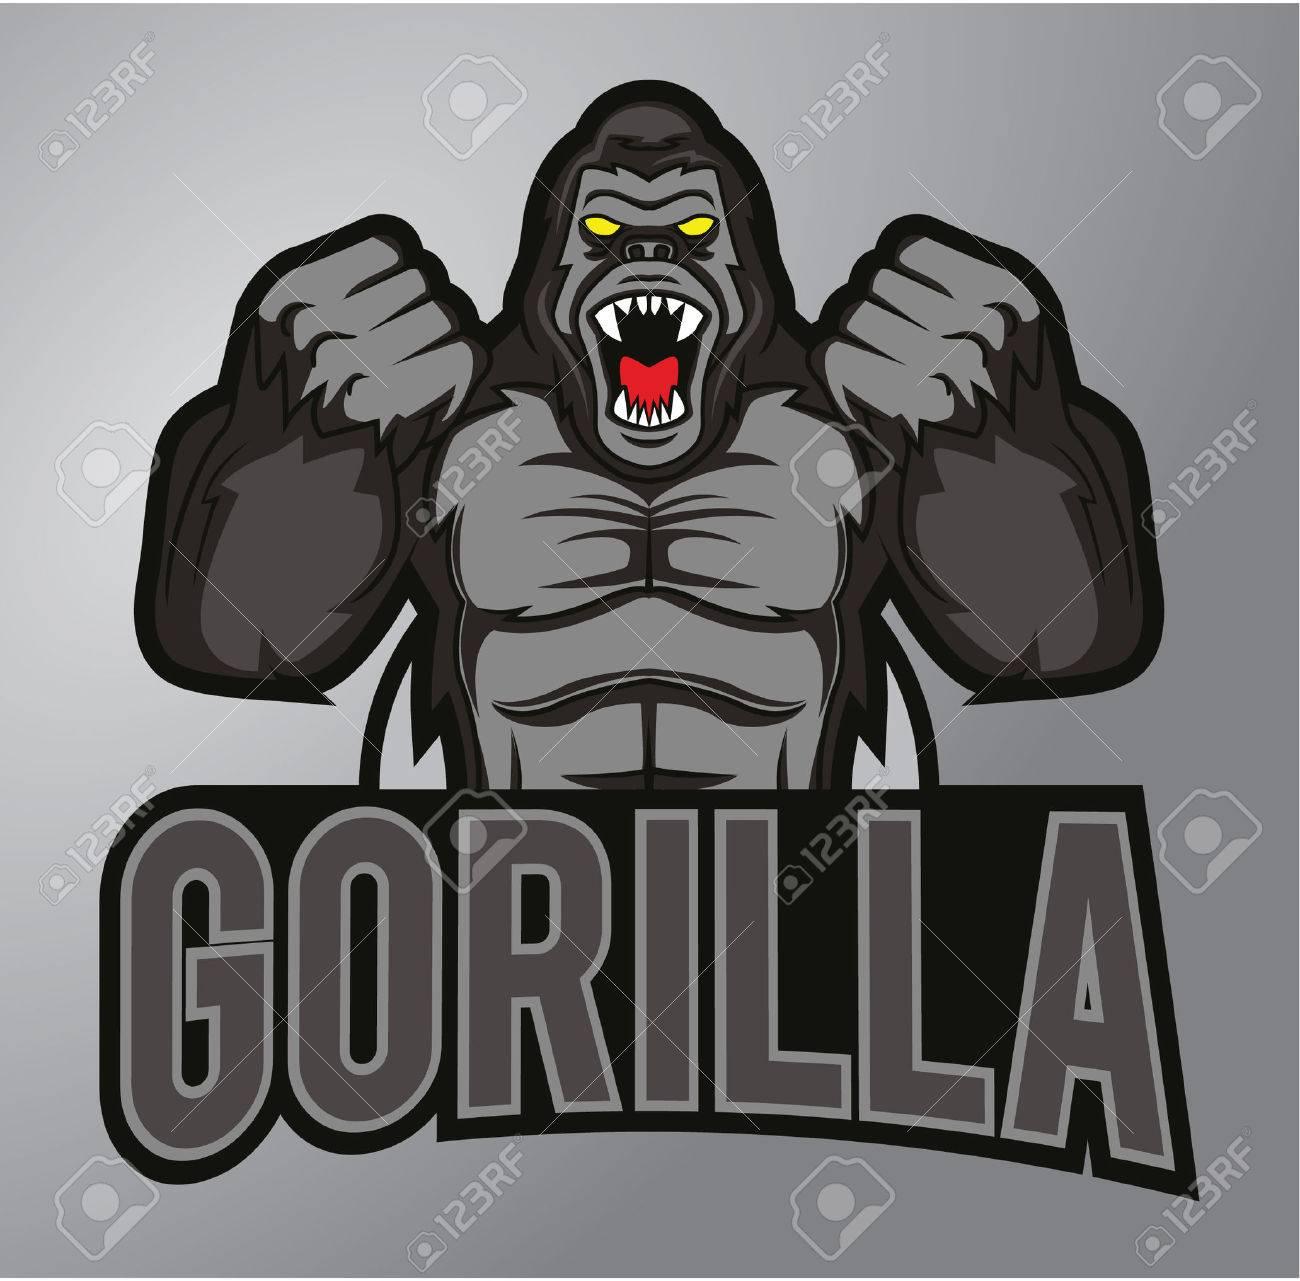 Gorilla mascot - 40402927